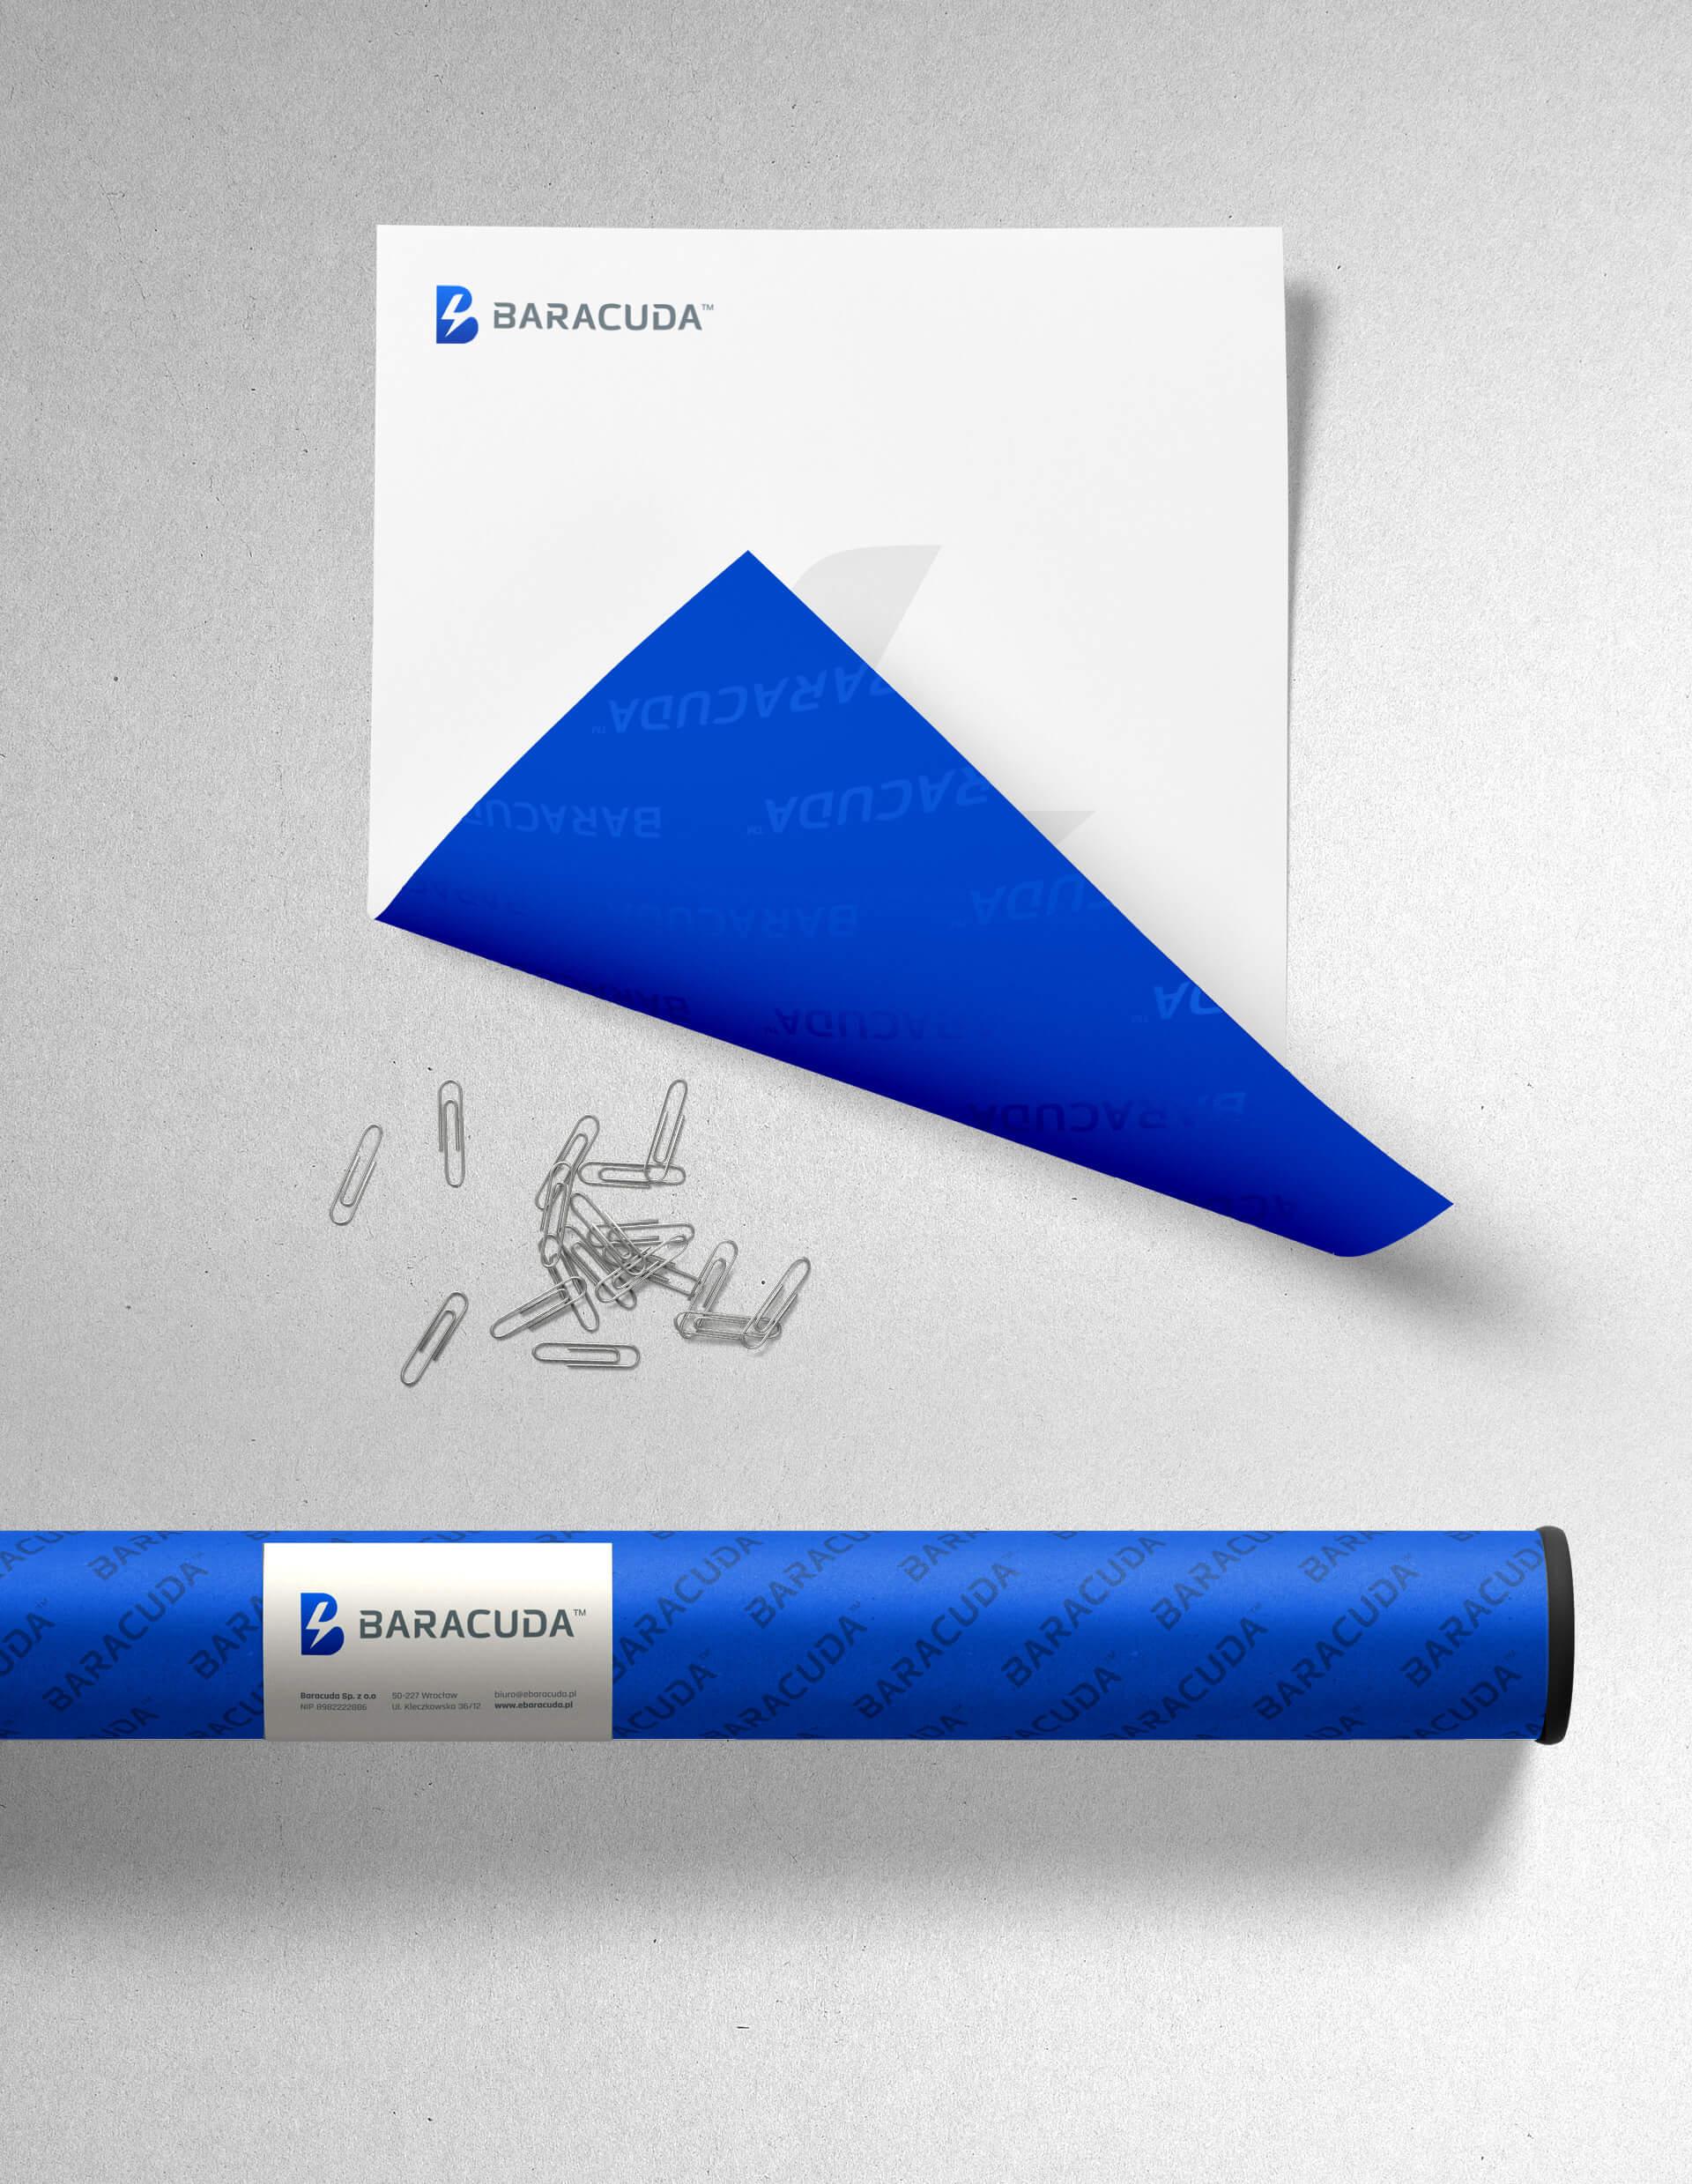 Nowoczesny projekt papieru firmowego dla marki baracuda